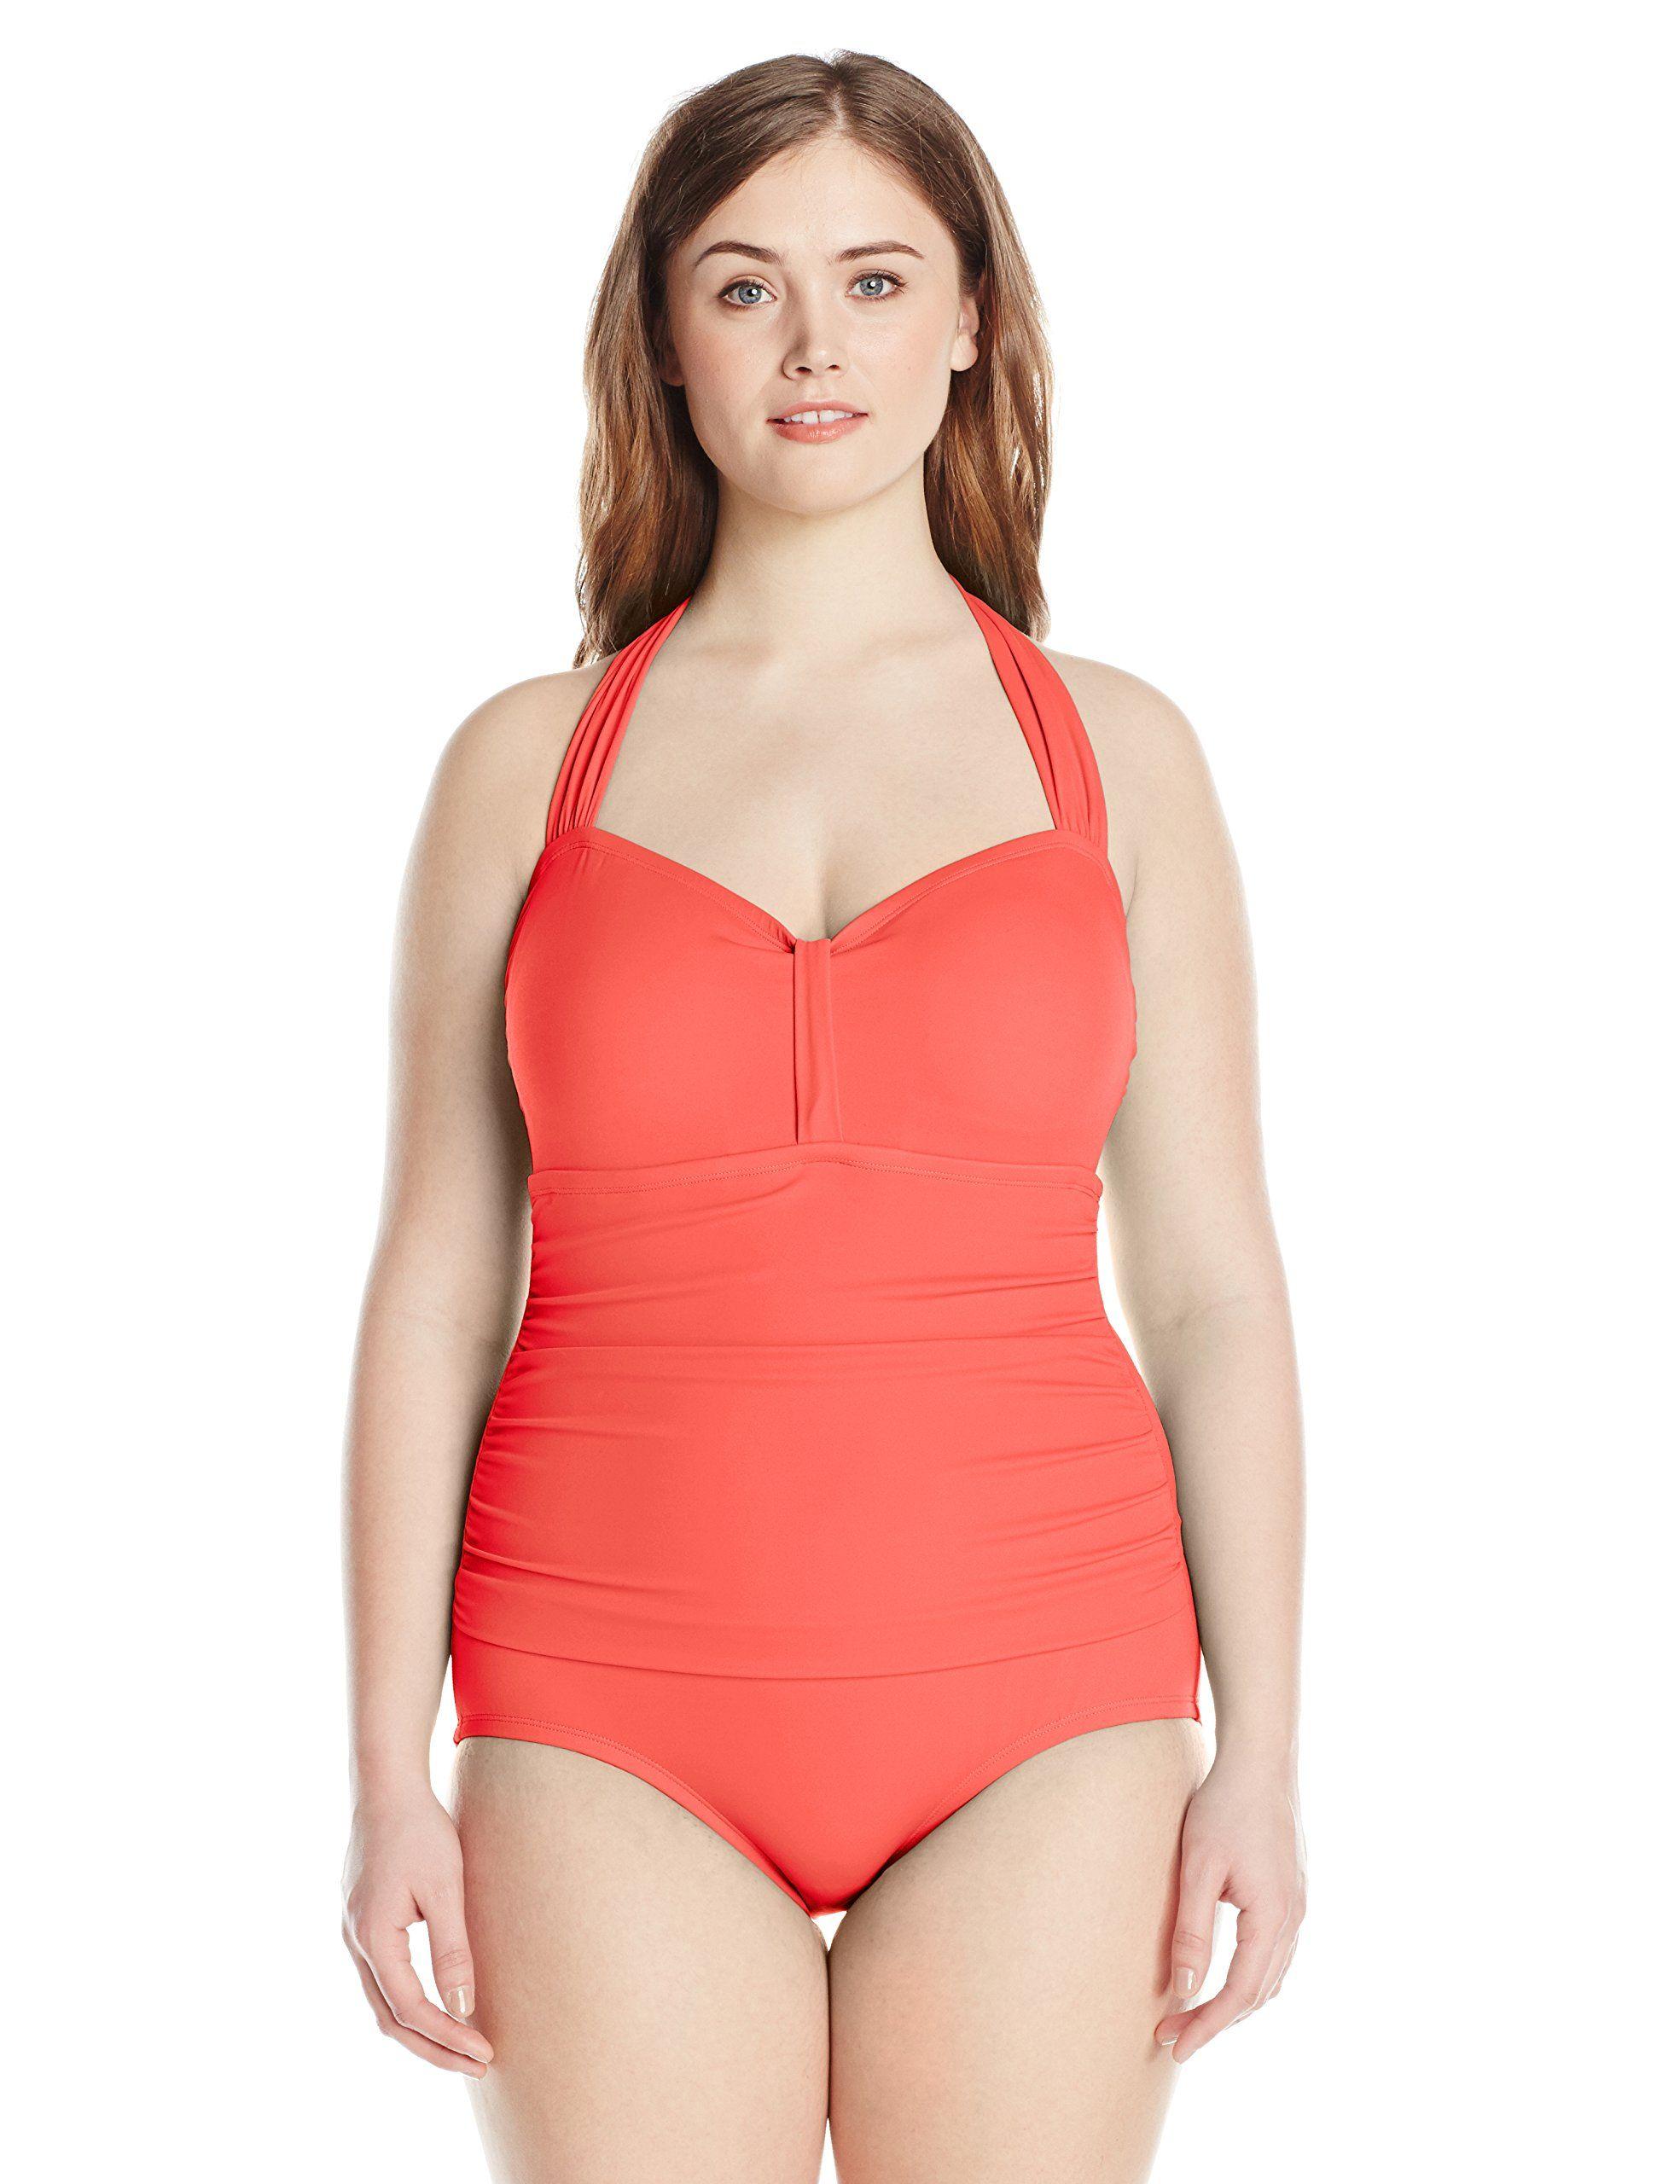 5978641e568 Jantzen Women s Plus-Size Halter-Neck Swimsuit at Amazon Women s Clothing  store